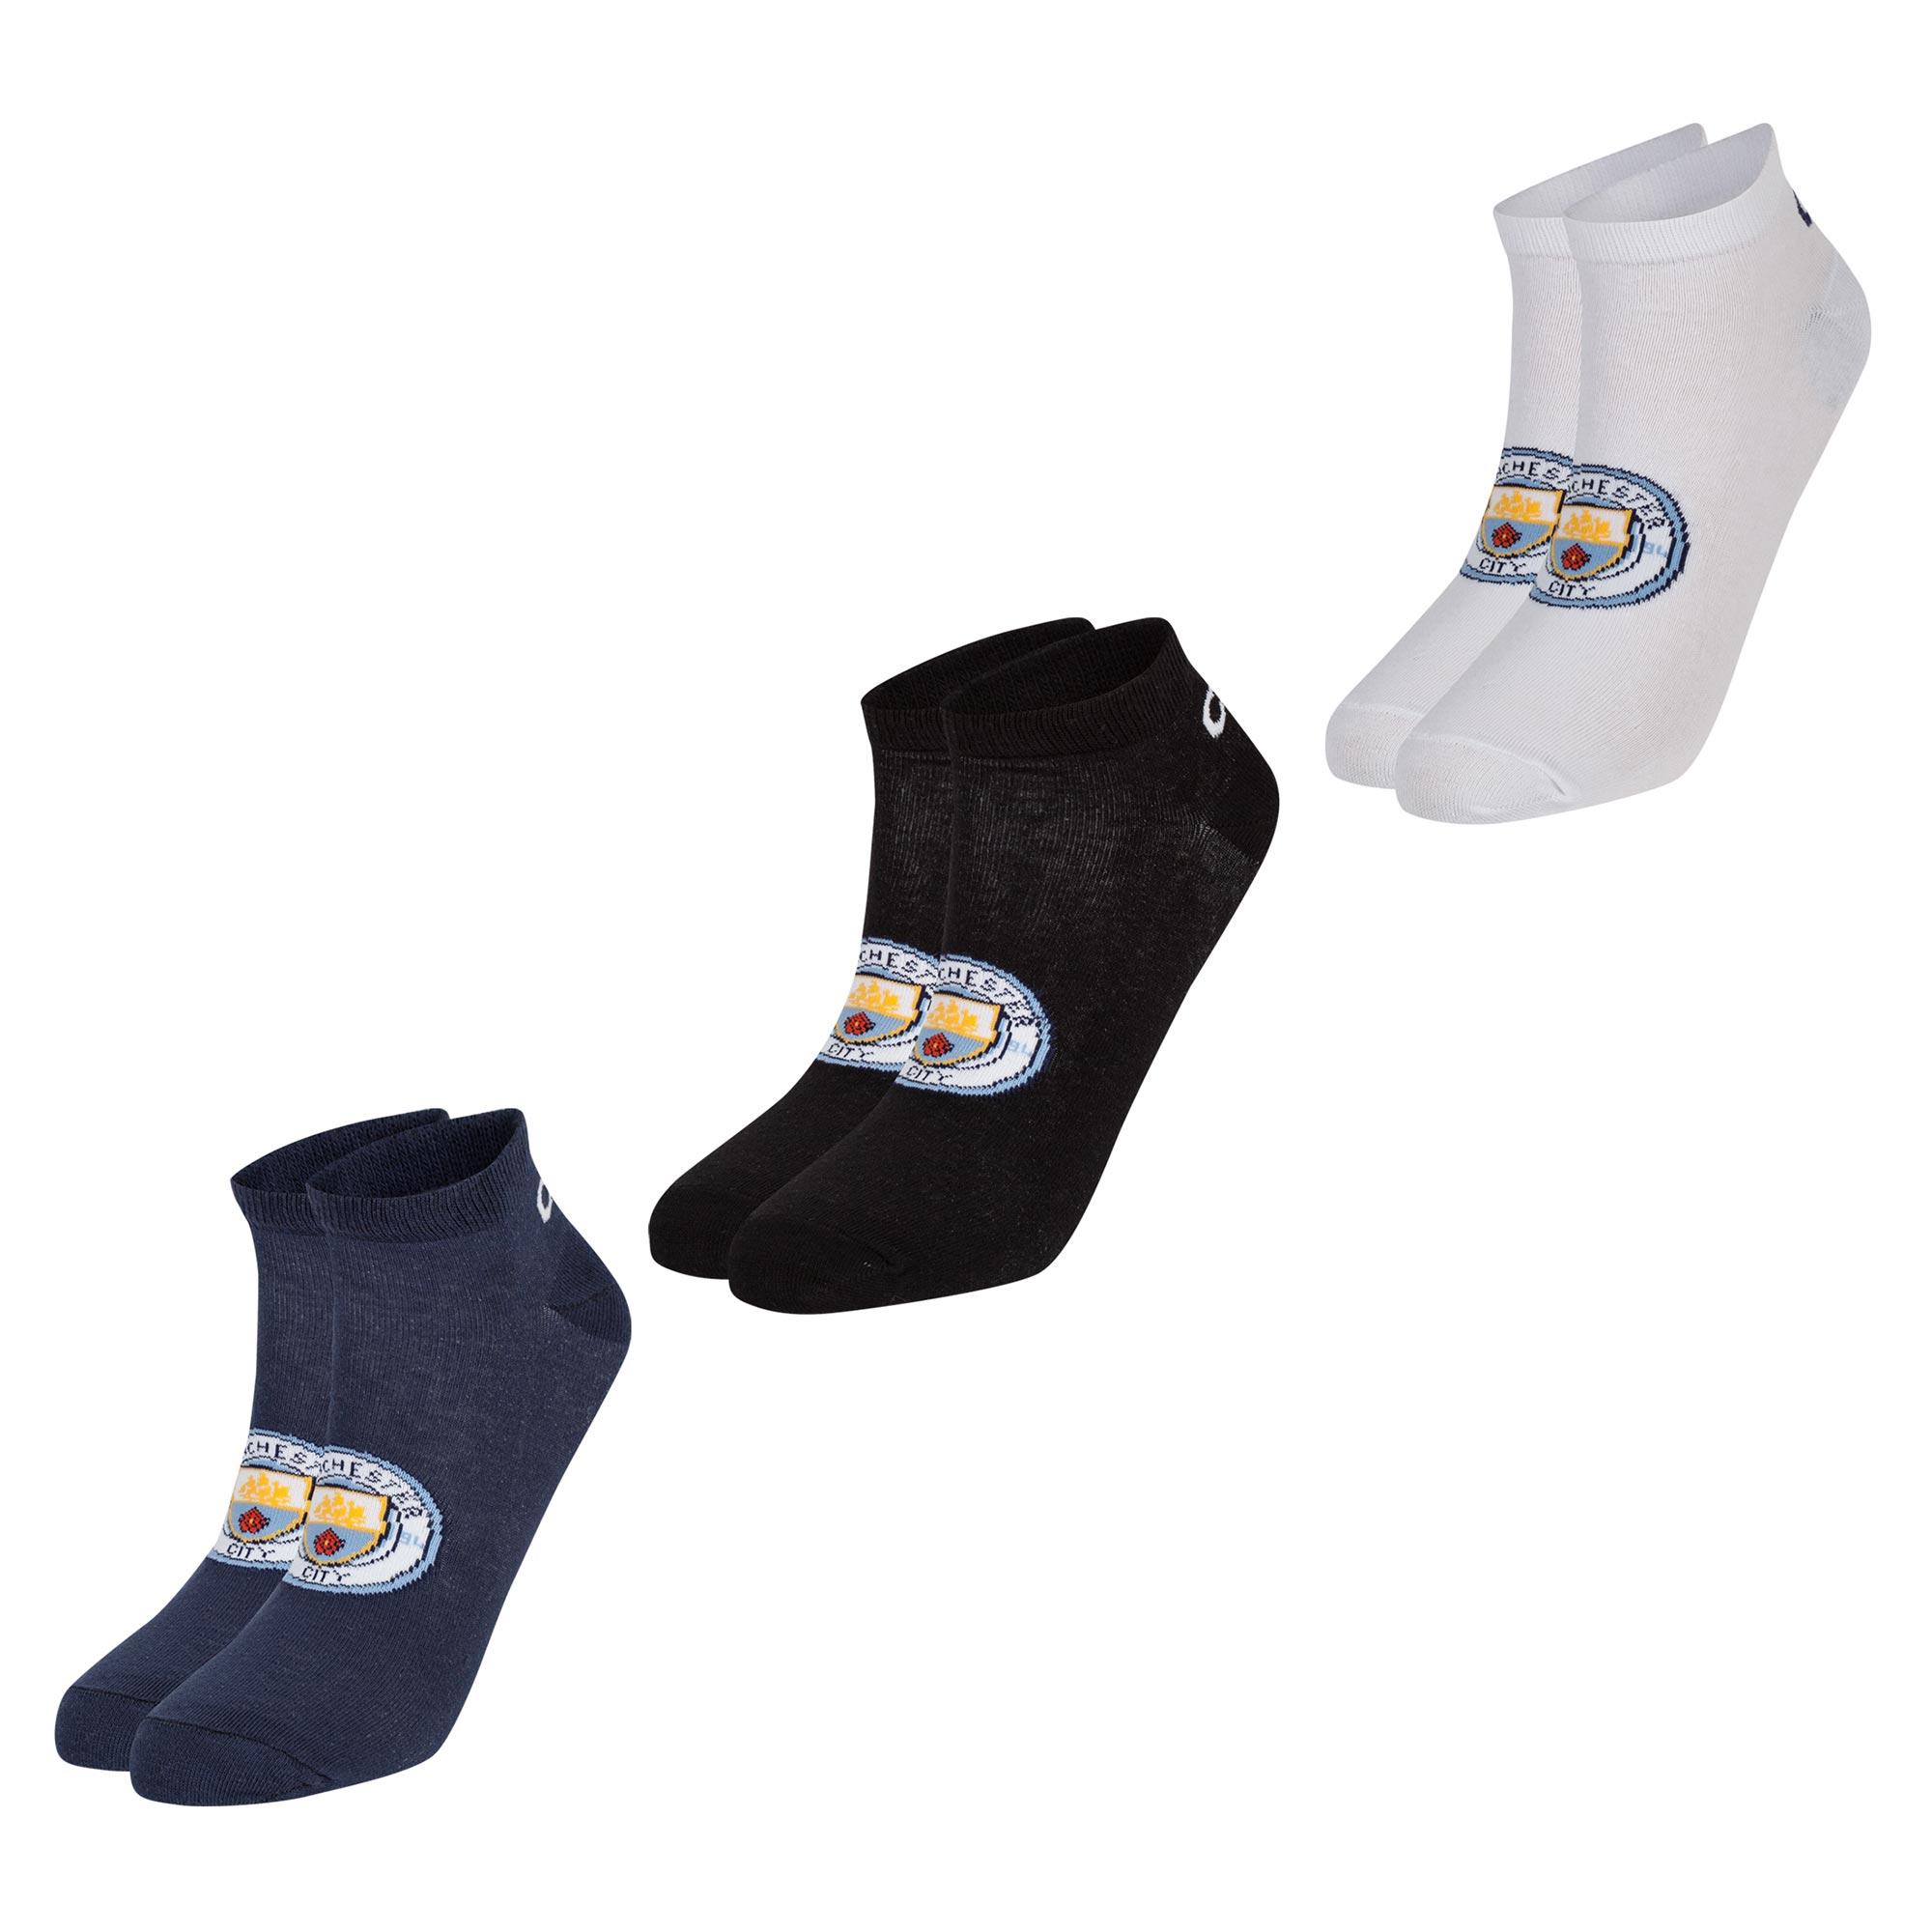 Manchester City 3 Pack Liner Socks